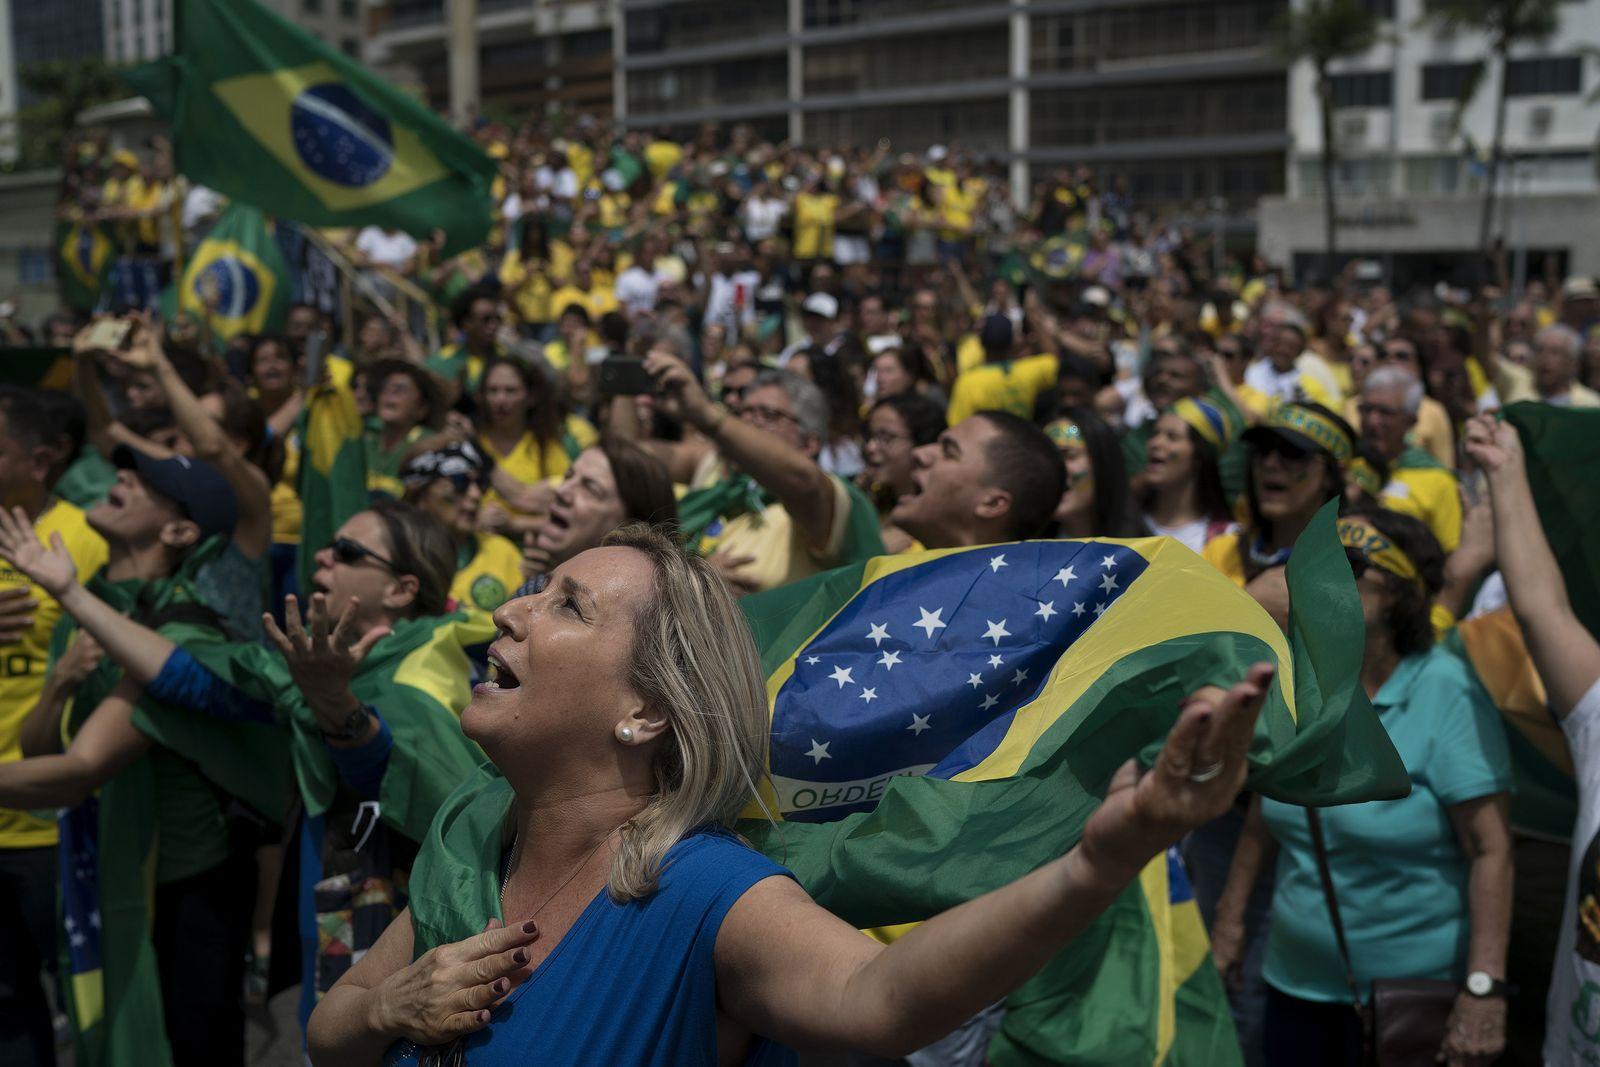 Präsidentschaftswahl Brasilien/ Menschenmenge/ Flagge